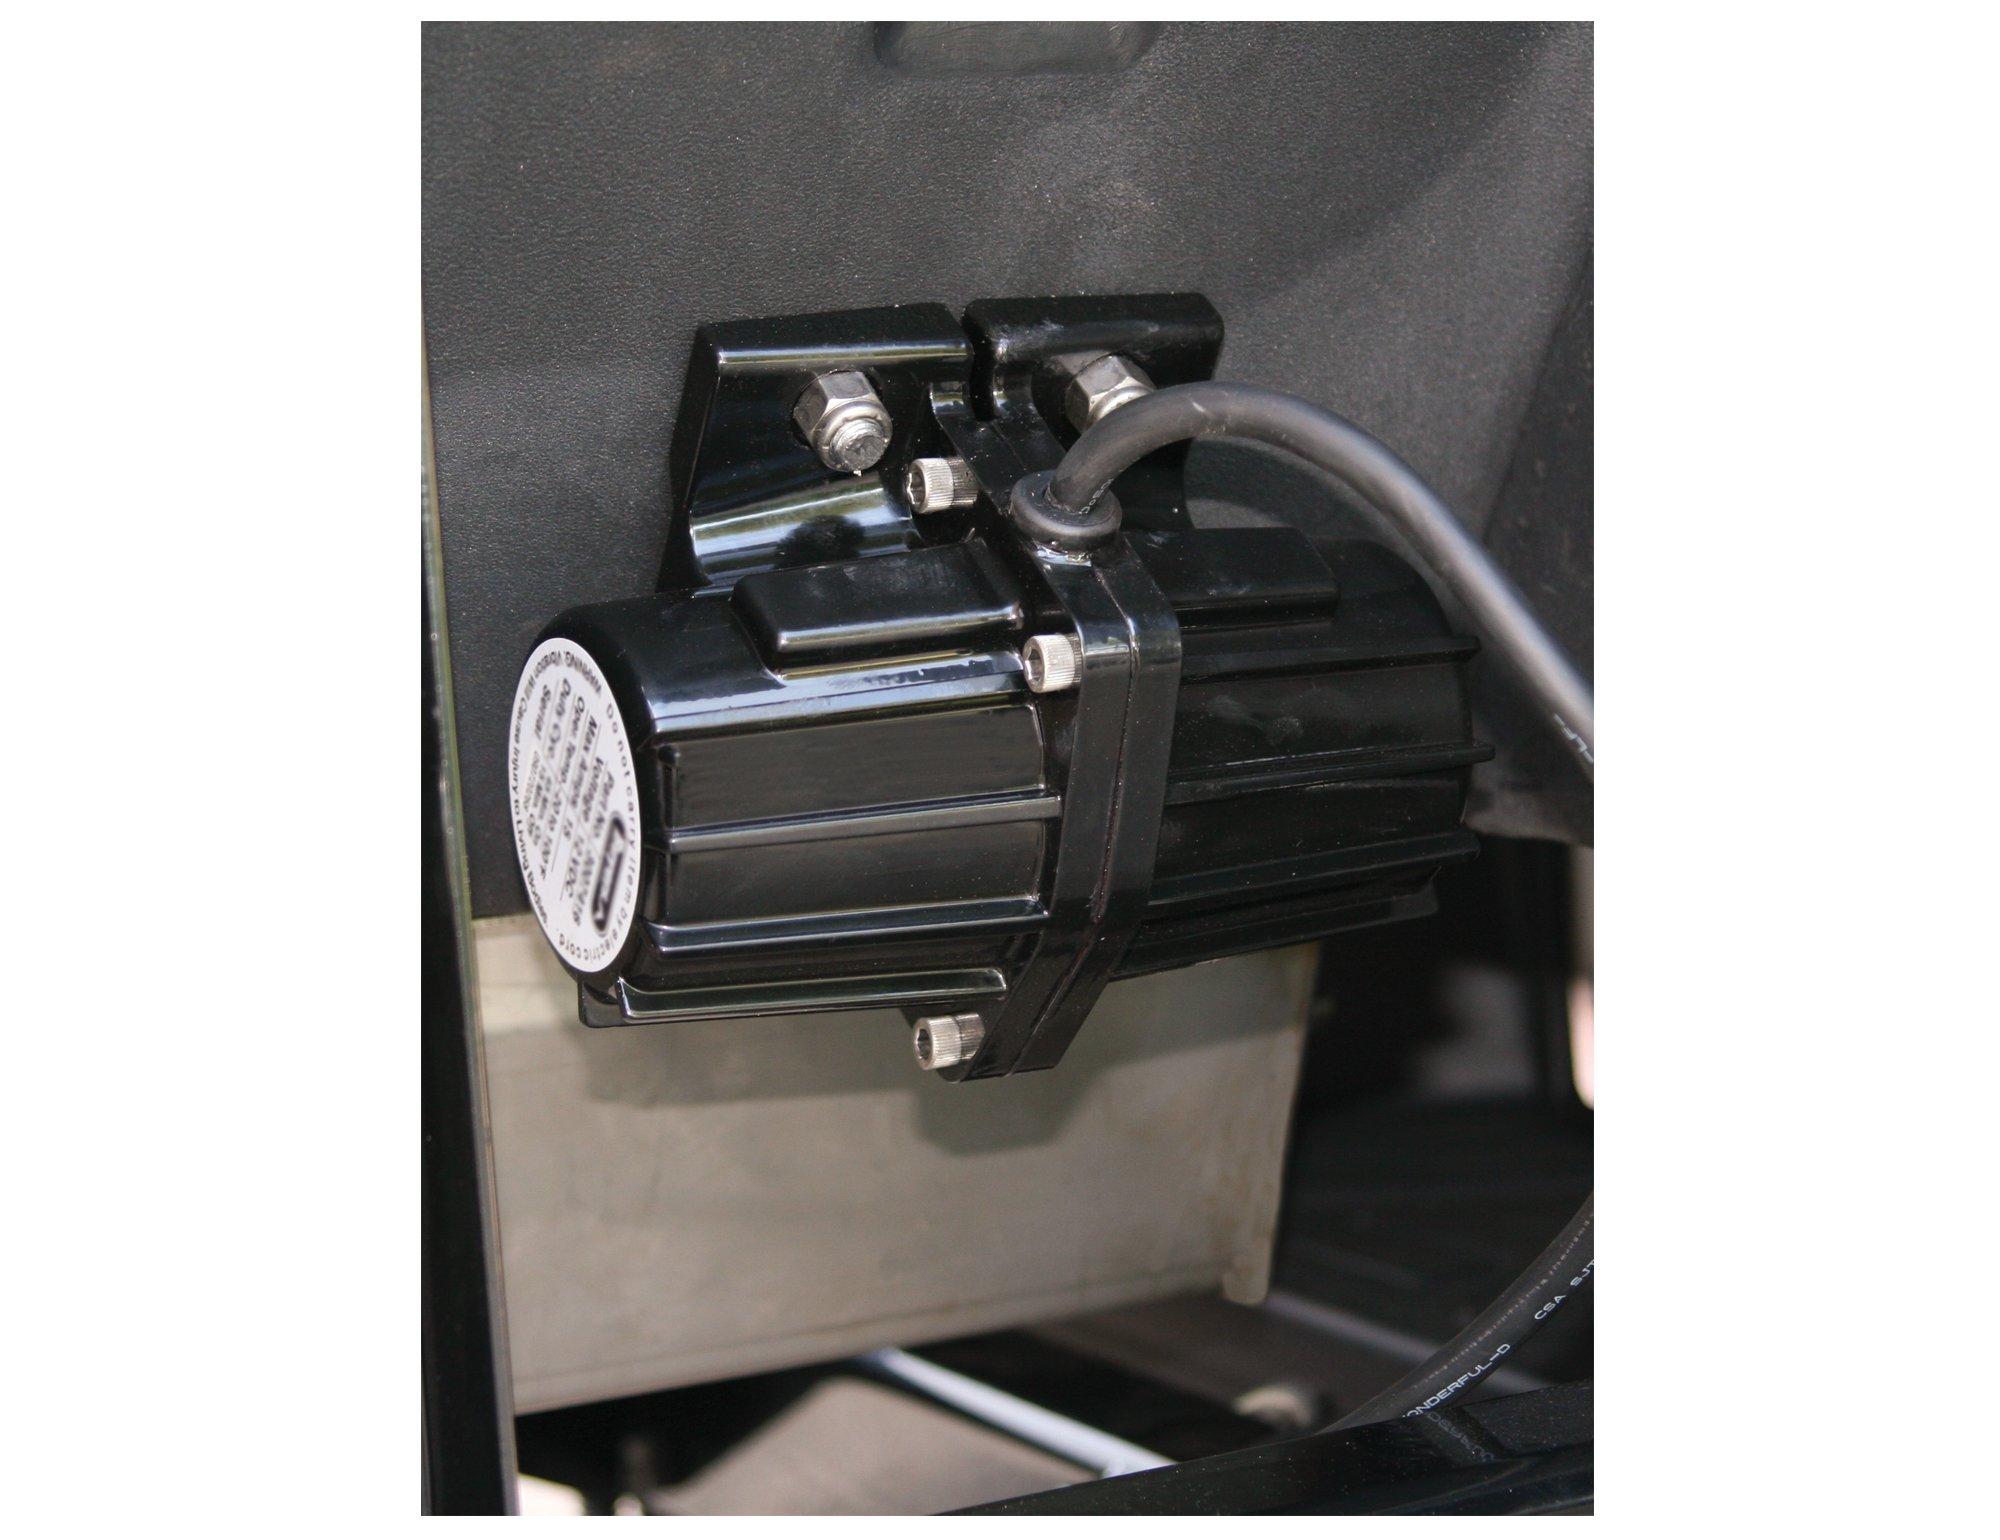 SaltDogg 3028195 80 lb Vibrator Kit for TGS02 Salt Spreader